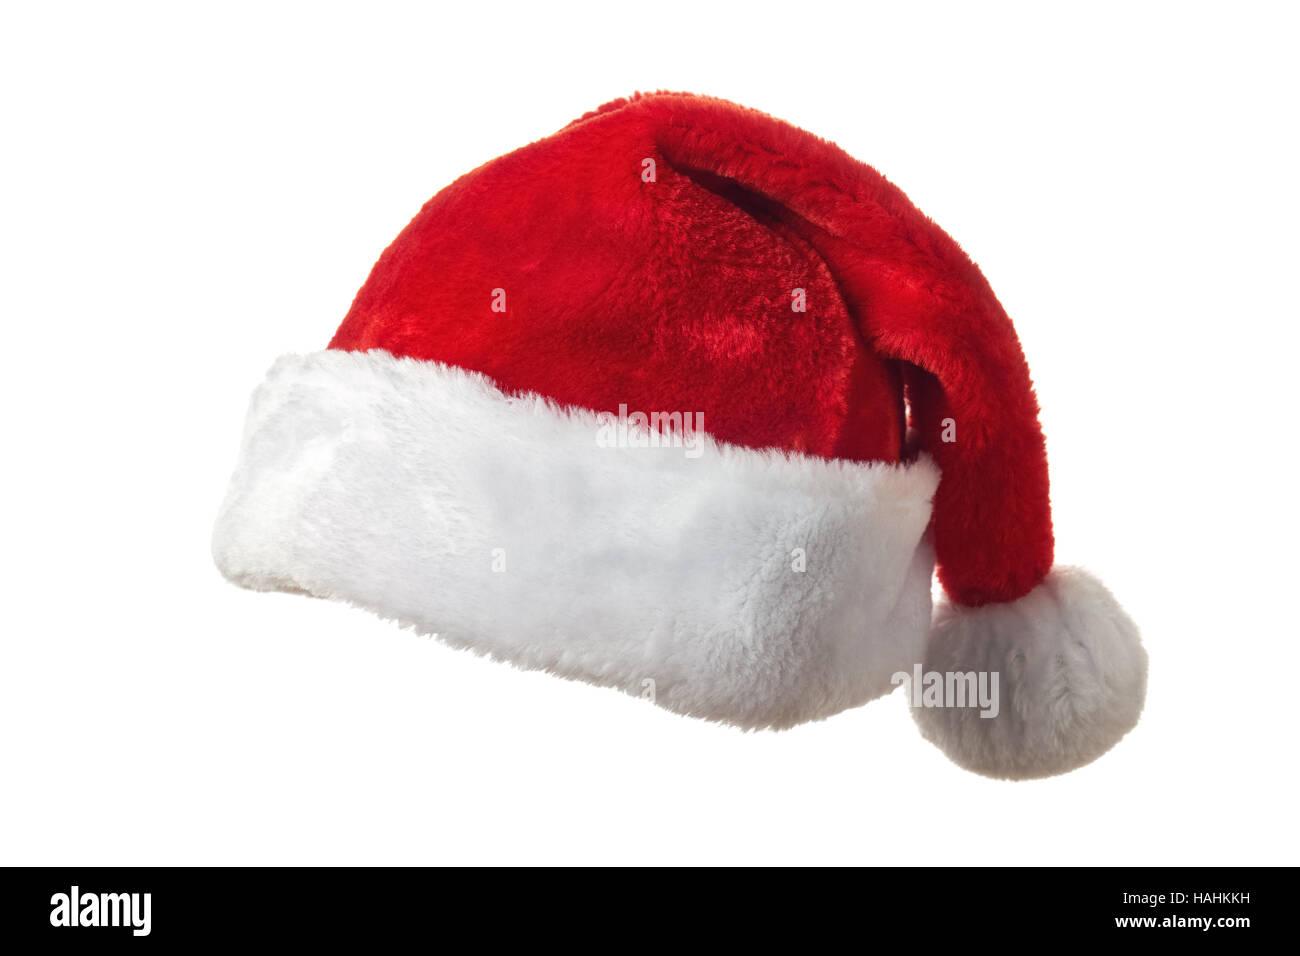 Weihnachtsmütze auf weiß Stockfoto